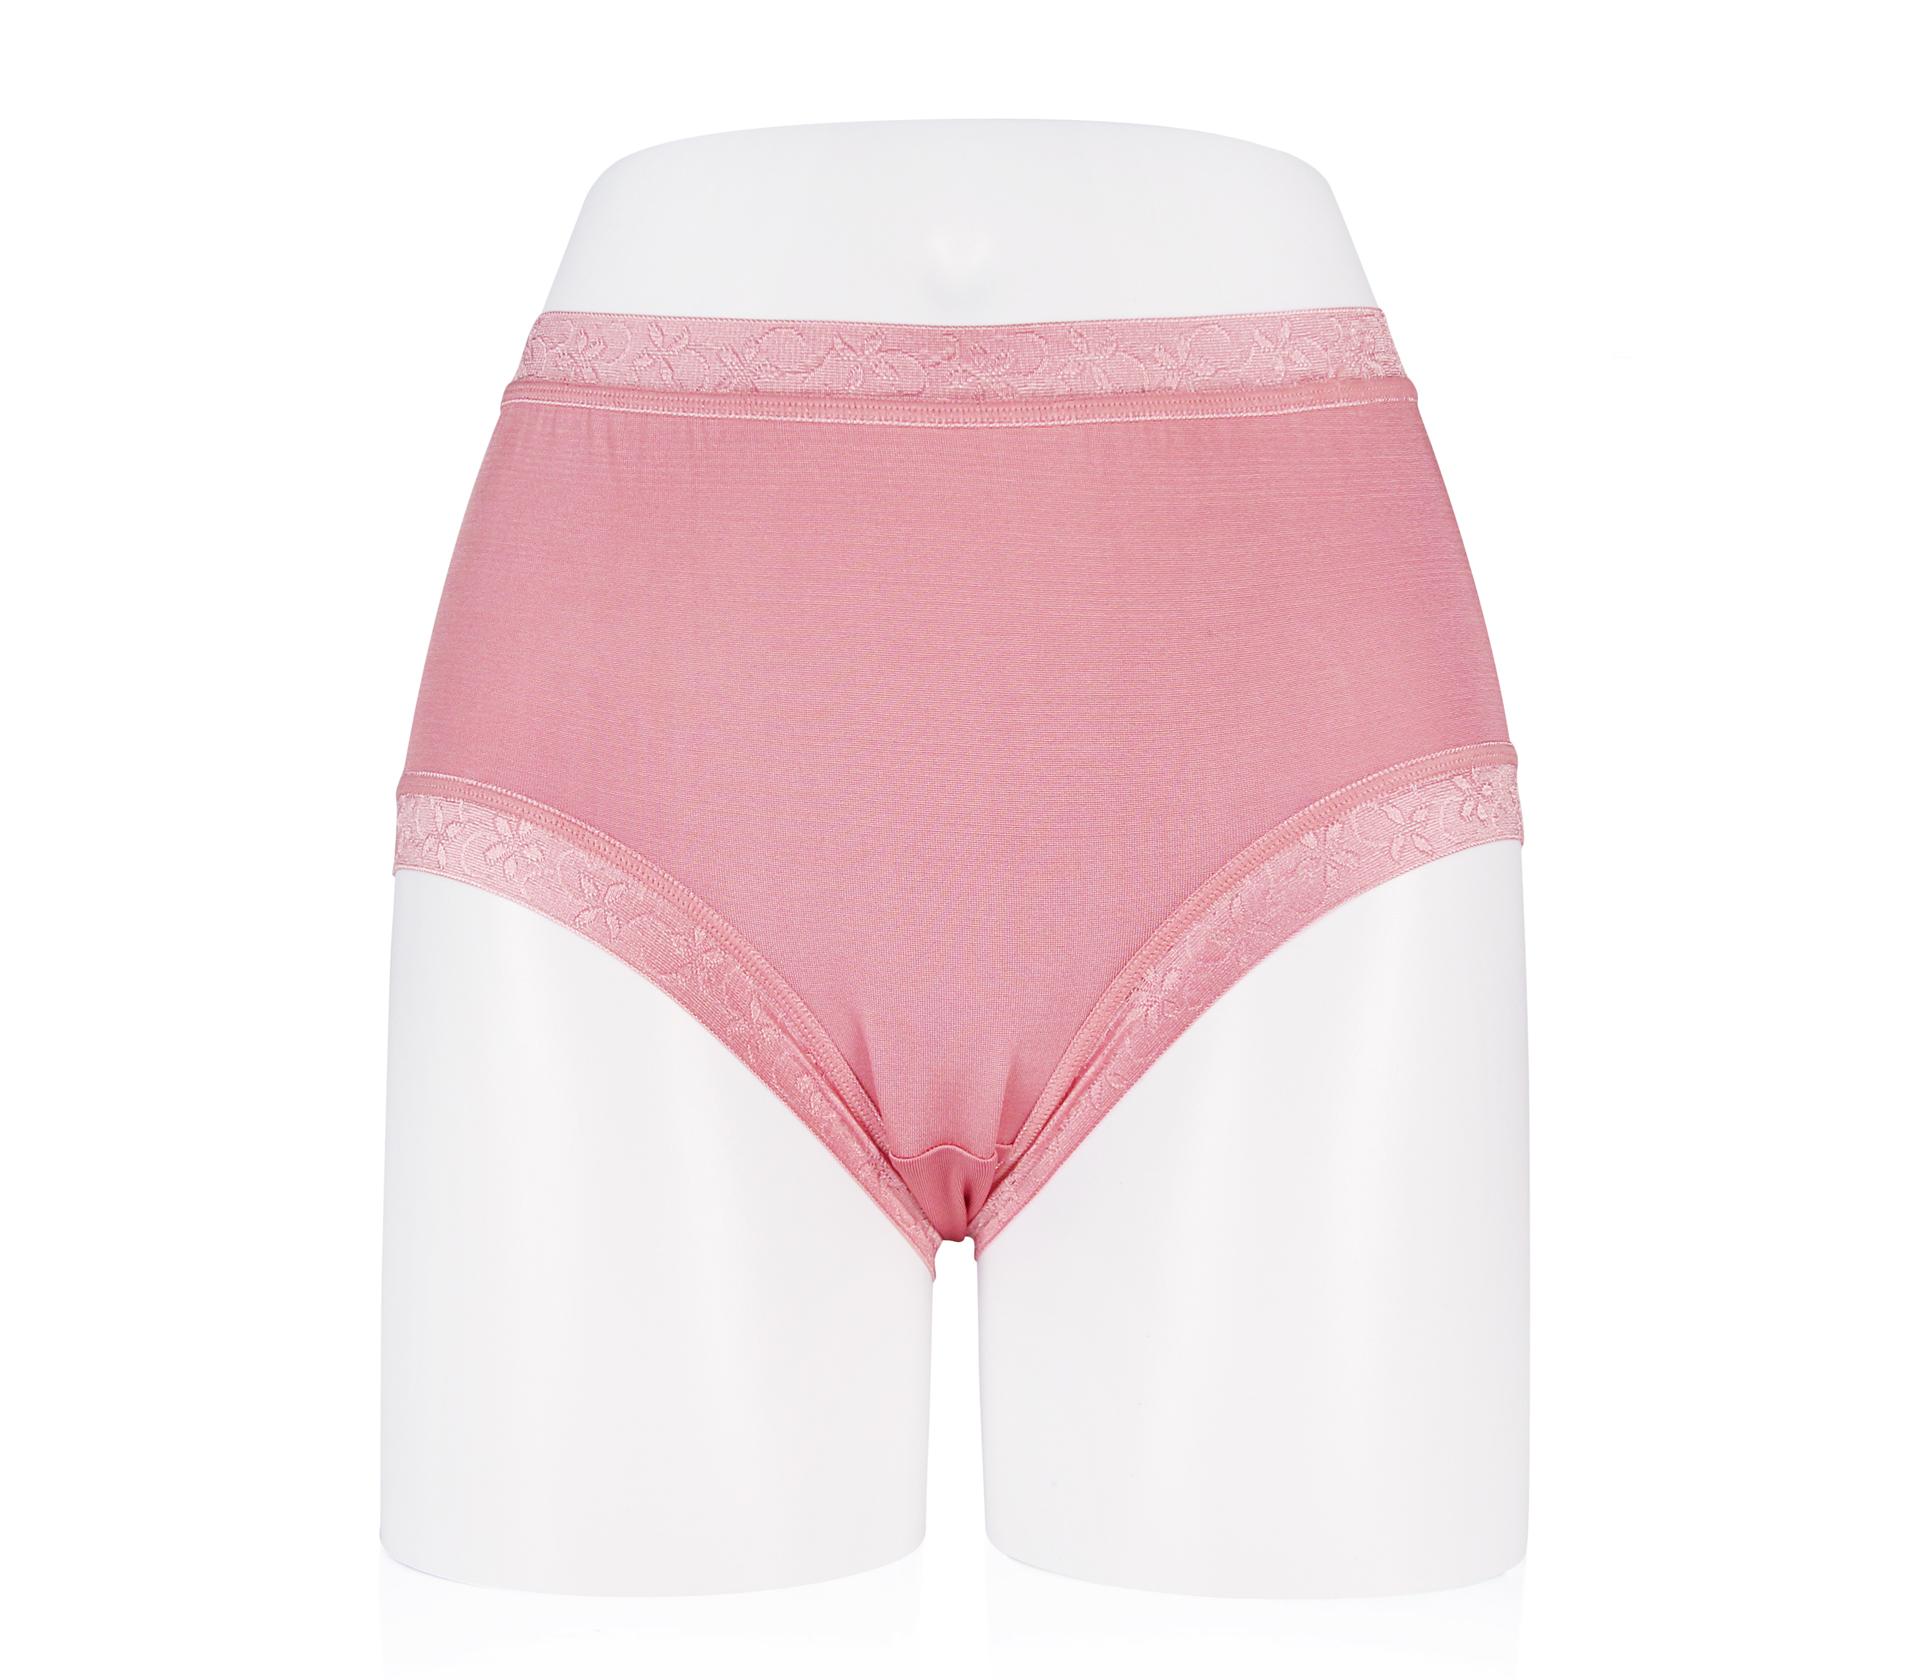 闕蘭絹絲滑透氣100%蠶絲褲 - 88117 (粉色)